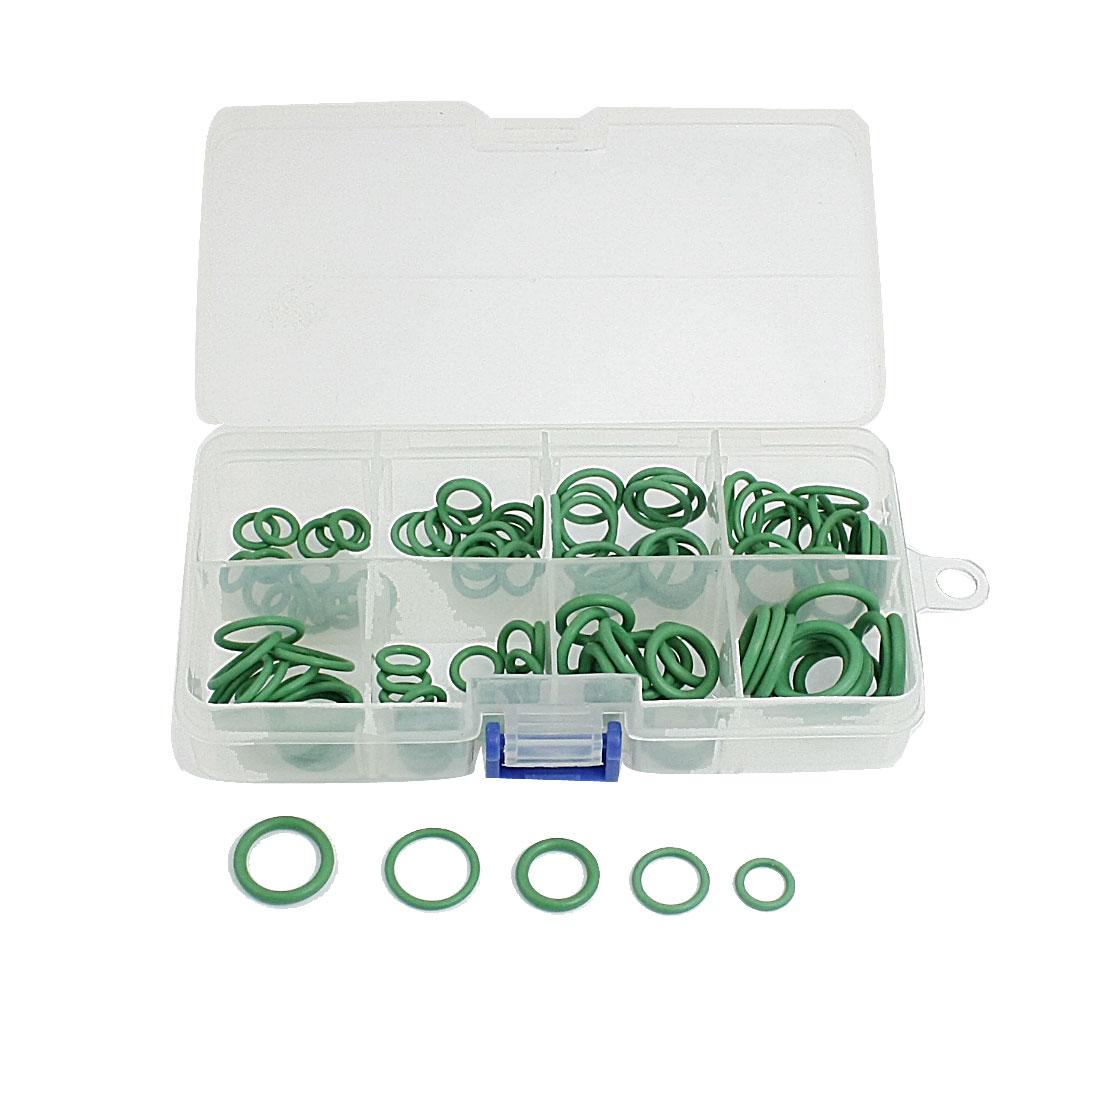 120 Pcs F12 R134a HNBR A/C O Ring Assortment Green Rapid Seal